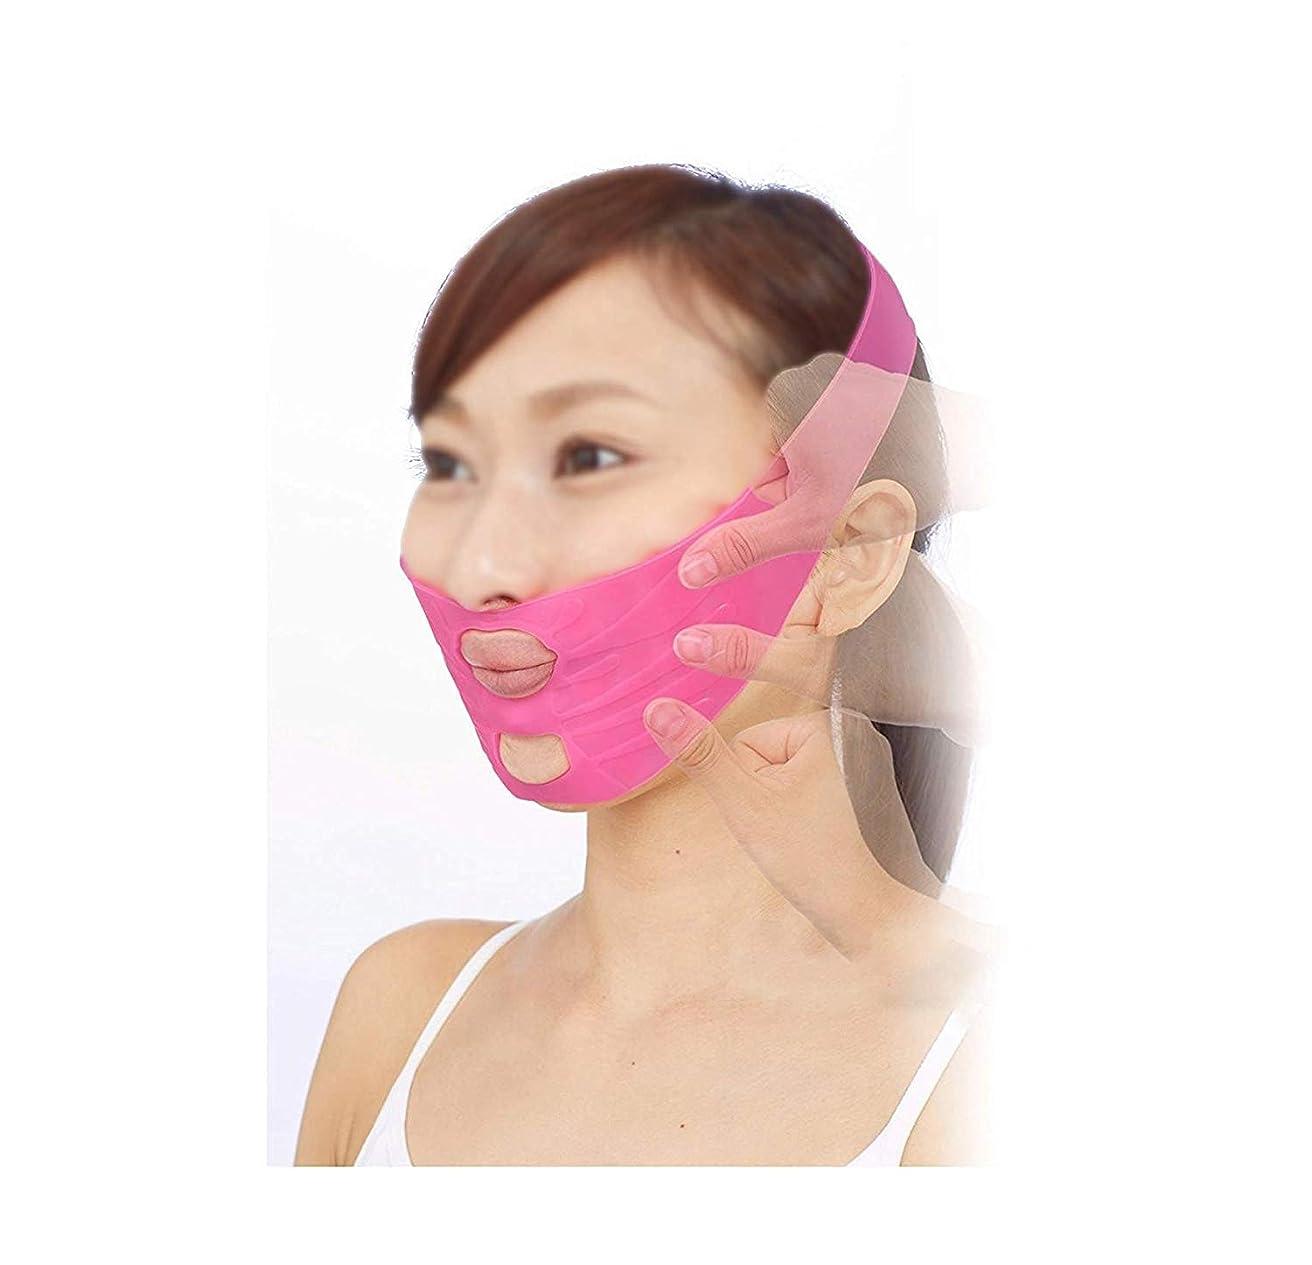 モードリン関係ないスタイルフェイシャルマスク、フェイスリフティングアーティファクトフェイスマスク垂れ顔SサイズVフェイス包帯通気性スリーピングフェイスダブルチンチンセットスリープ弾性スリミングベルト